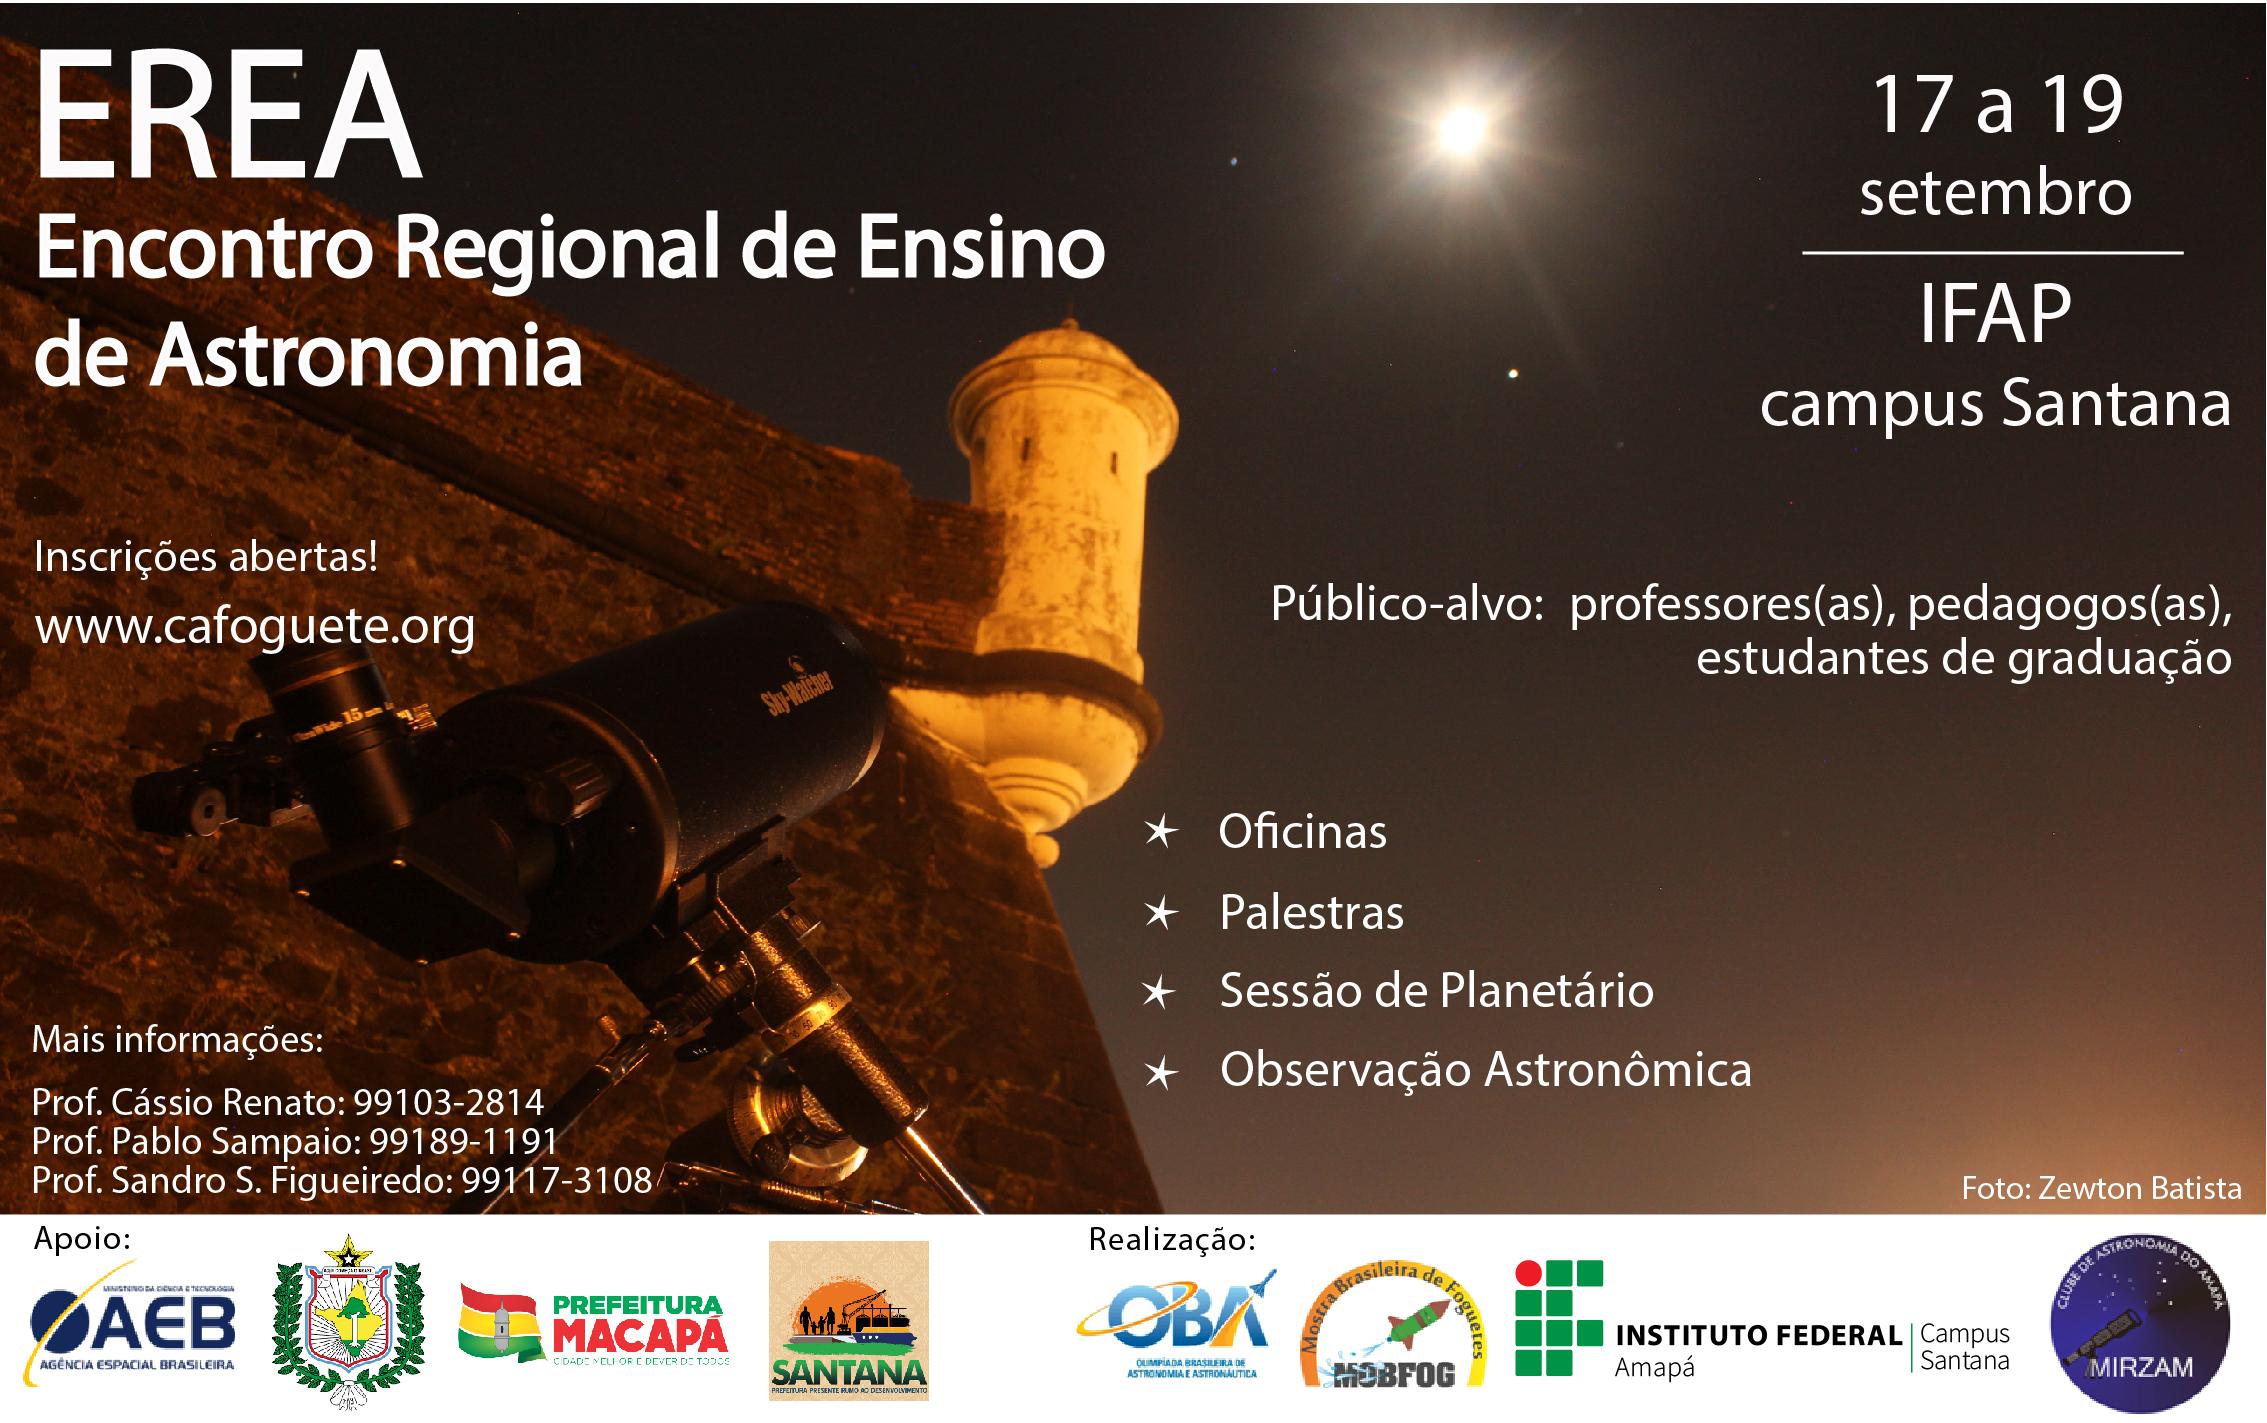 Campus Santana sediará Encontro Regional de Ensino de Astronomia